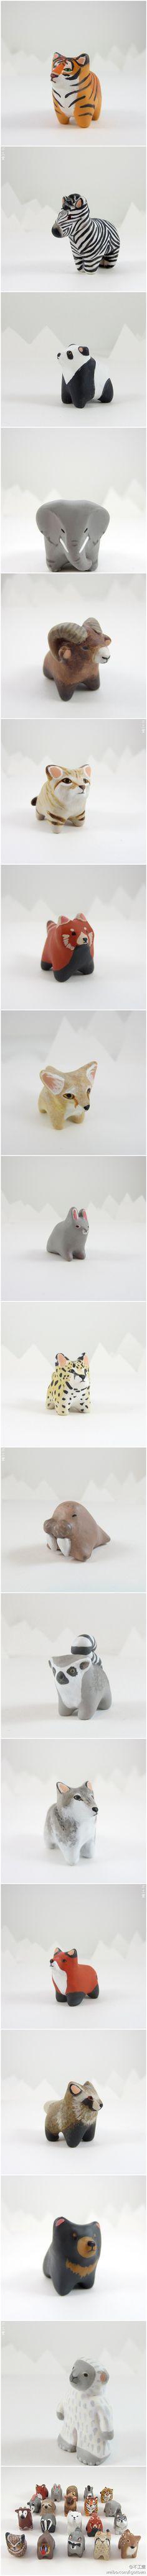 看多了同样风格的东东会腻么?比如我们介绍过的Danielle Pedersen的软陶小动物(http://weibo.com/1699336787/xlYYei4as),就和Sabina与Ryan店里的(http://weibo.com/1699336787/y1iTUB2Y4)几乎一模一样。当然如果还没看够,Danielle又带了新作品,一群更胖,更Q的小动物..WITH THE RIGHT SHAPED ROCKS YOU COULD MAKE ANIMALS LIKE THIS!